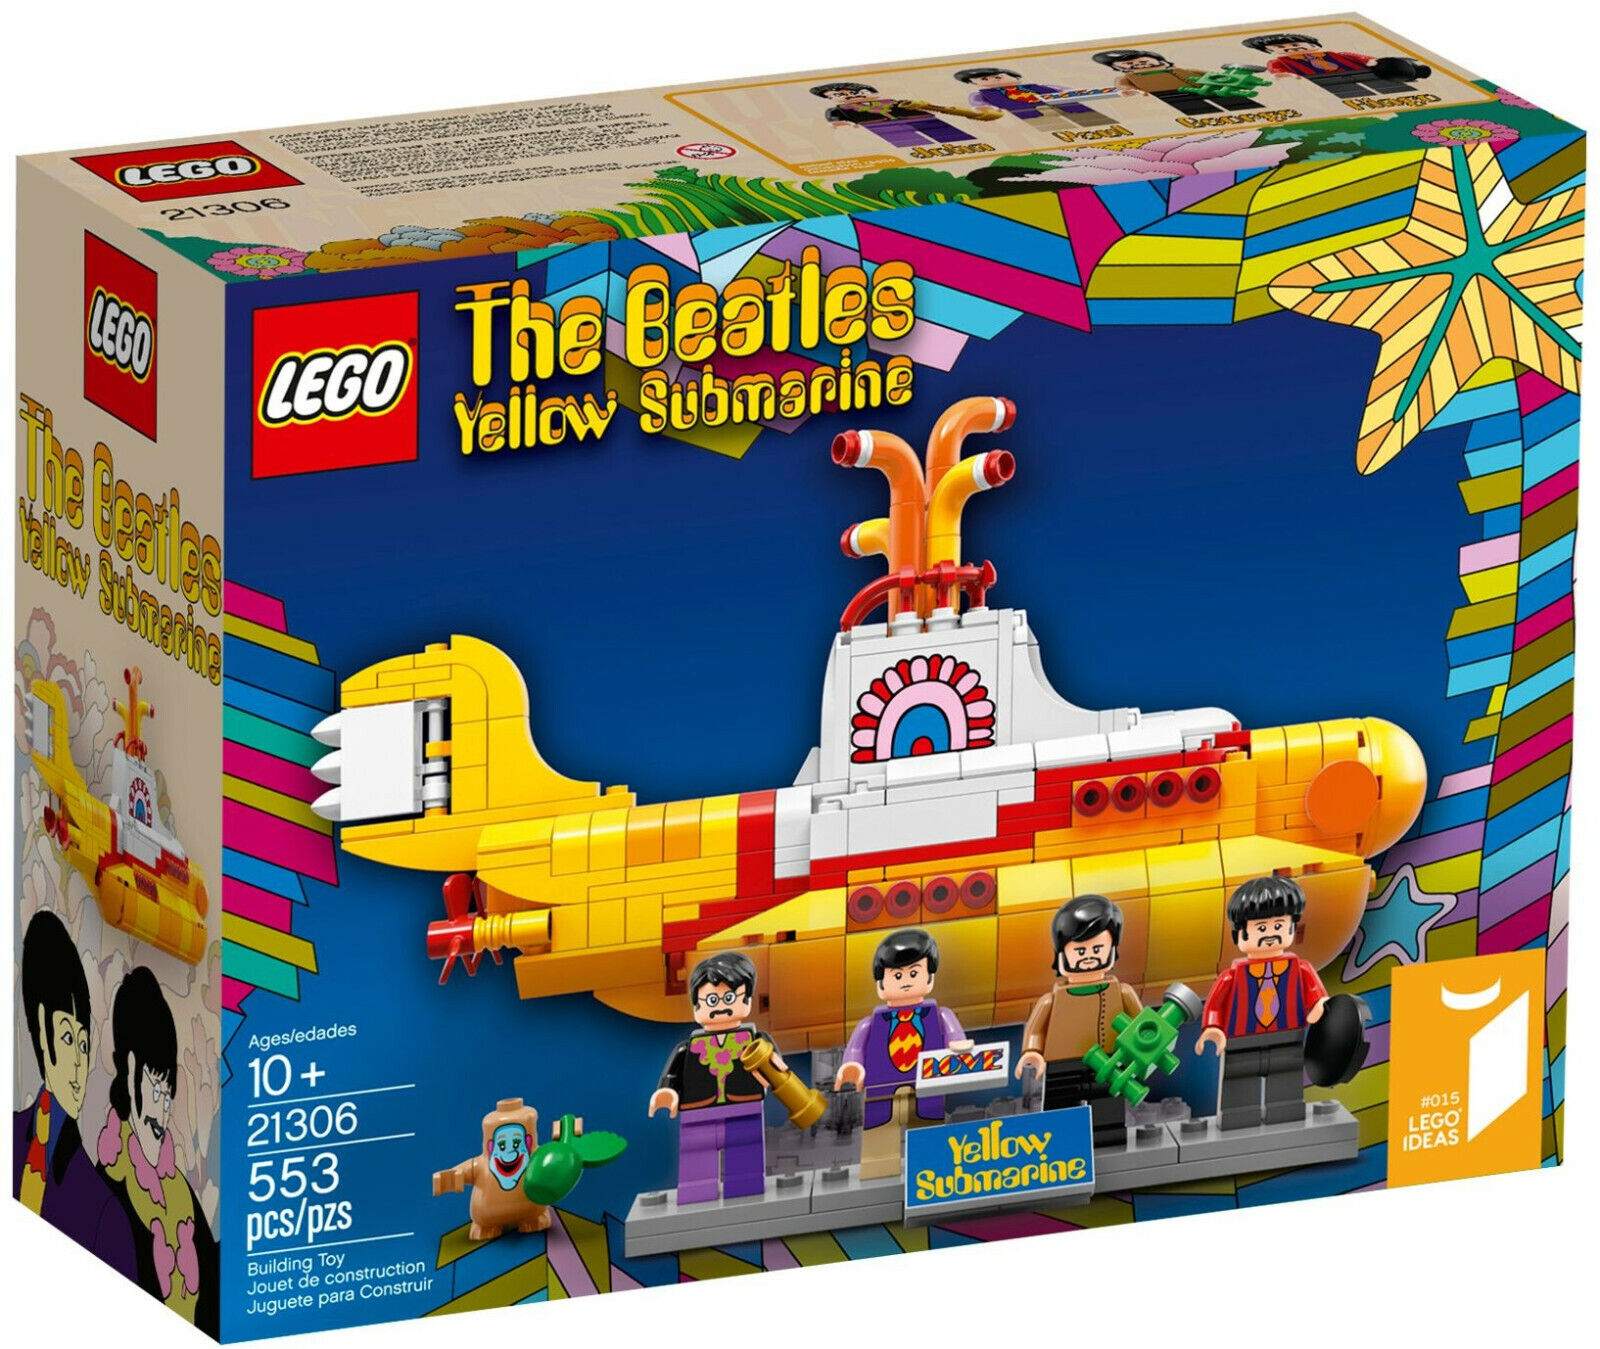 Lego Idées 21306 The Beatles jaune Submarine neuf et  scellé GRATUIT UK ENVOI  avec 60% de réduction